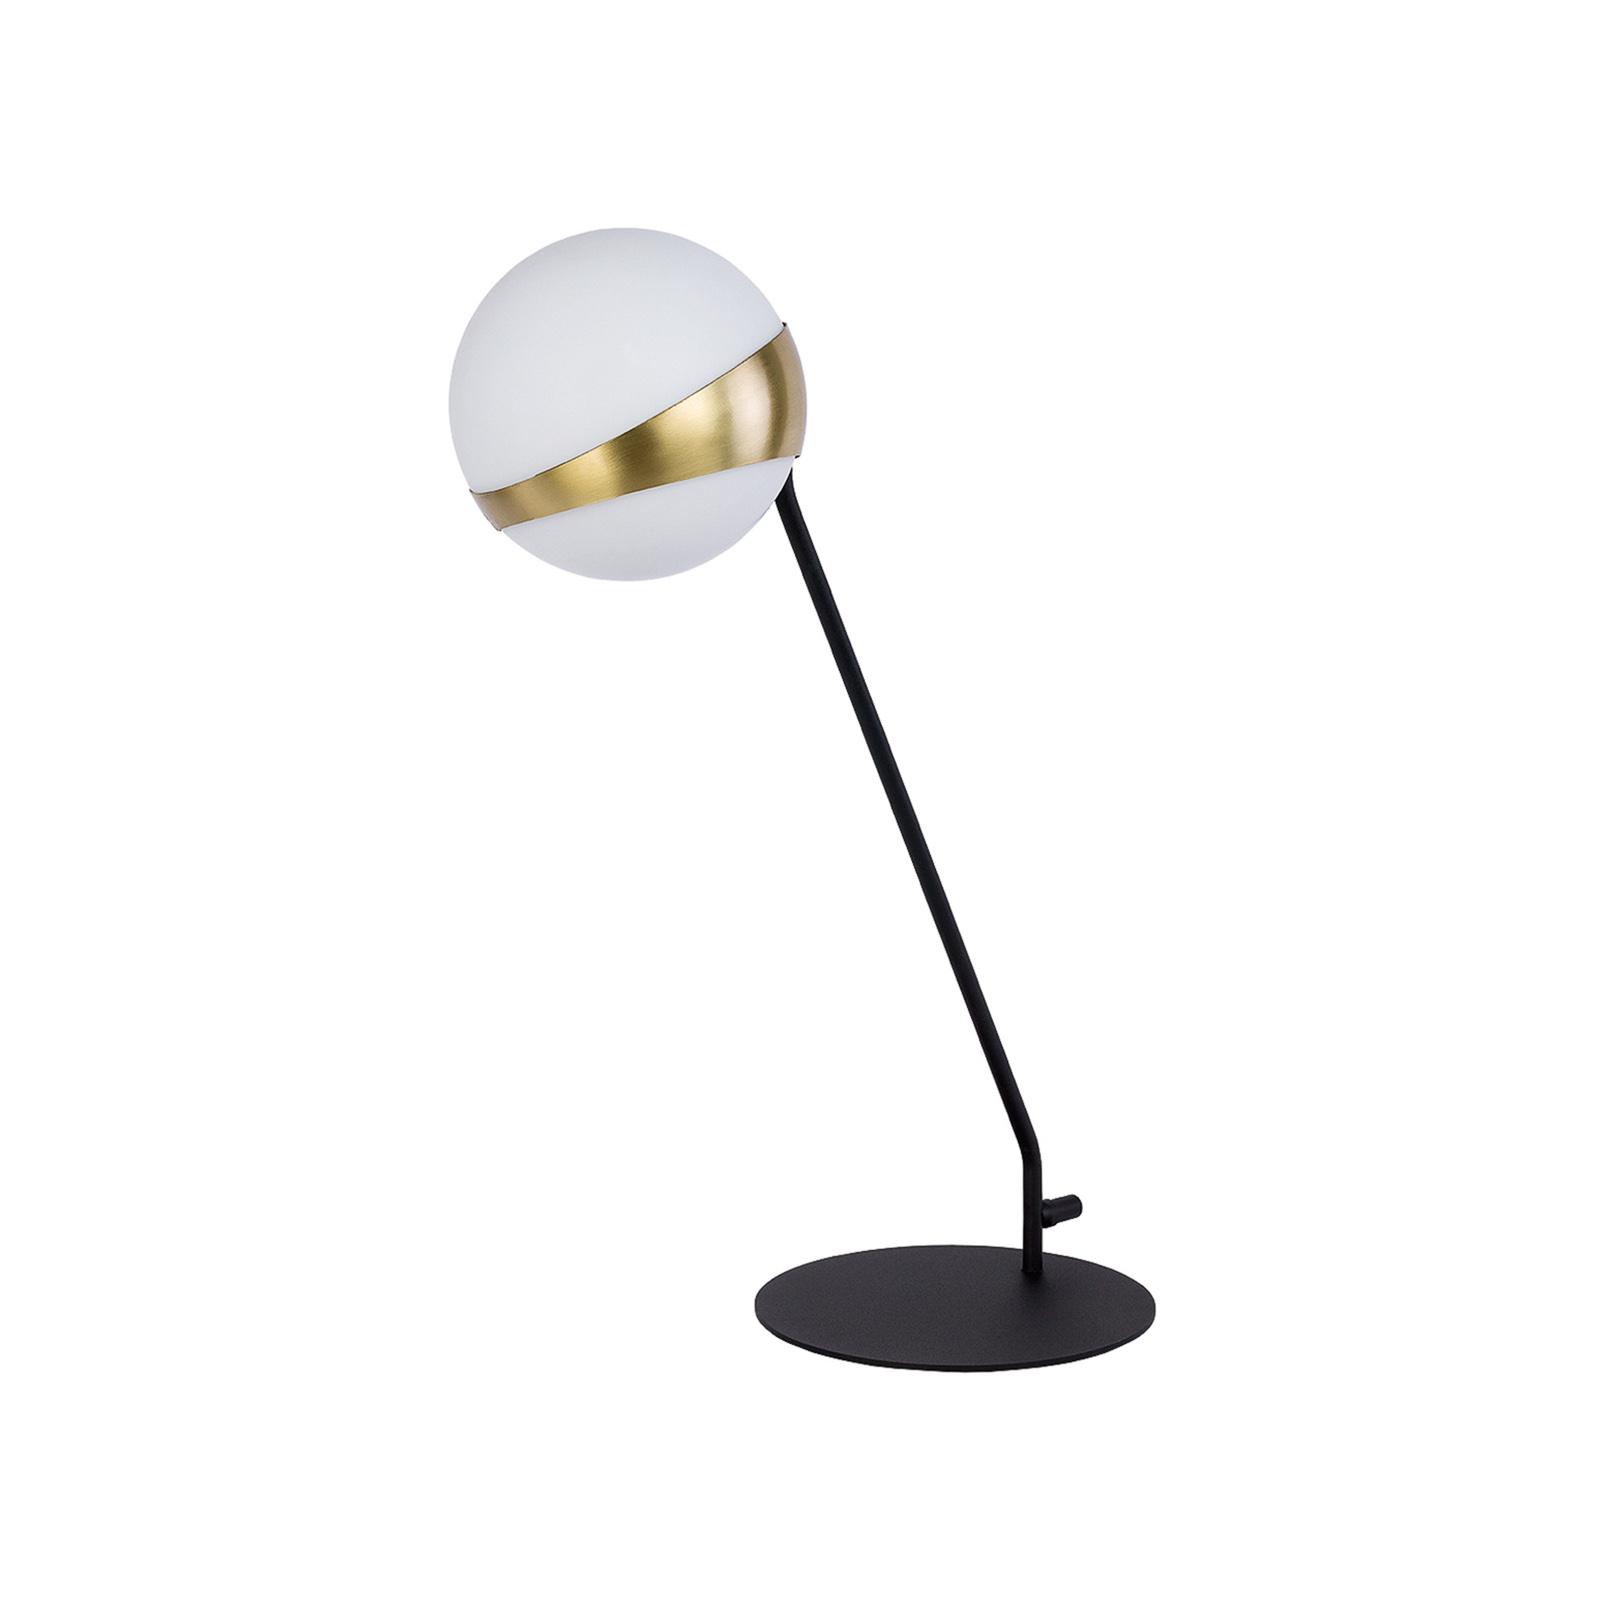 Lampa stołowa Parcel, biała/mosiężna